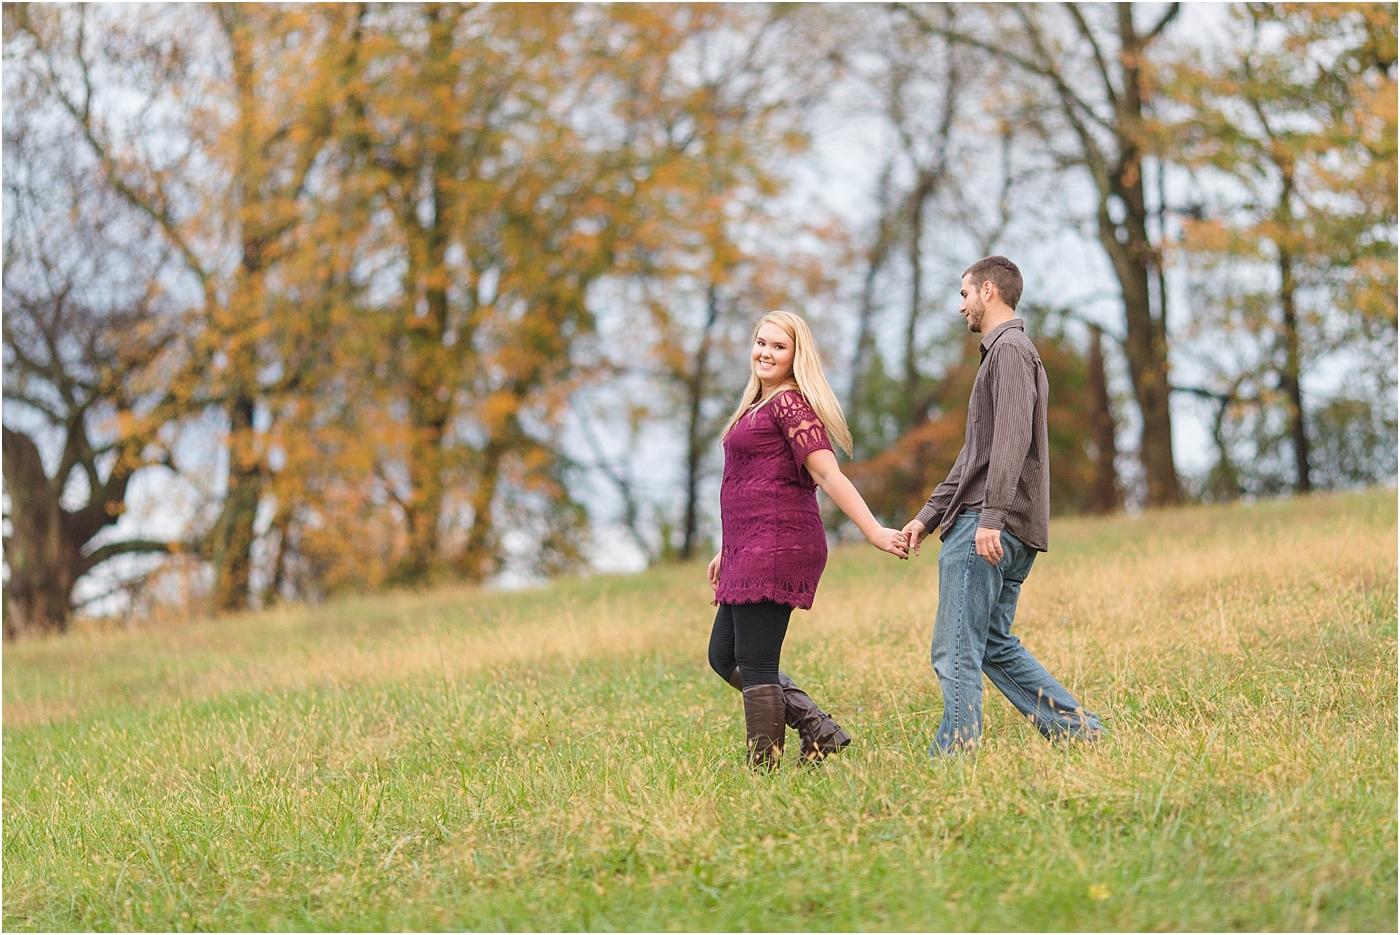 Maryland-Engagement-Photographer-31.jpg